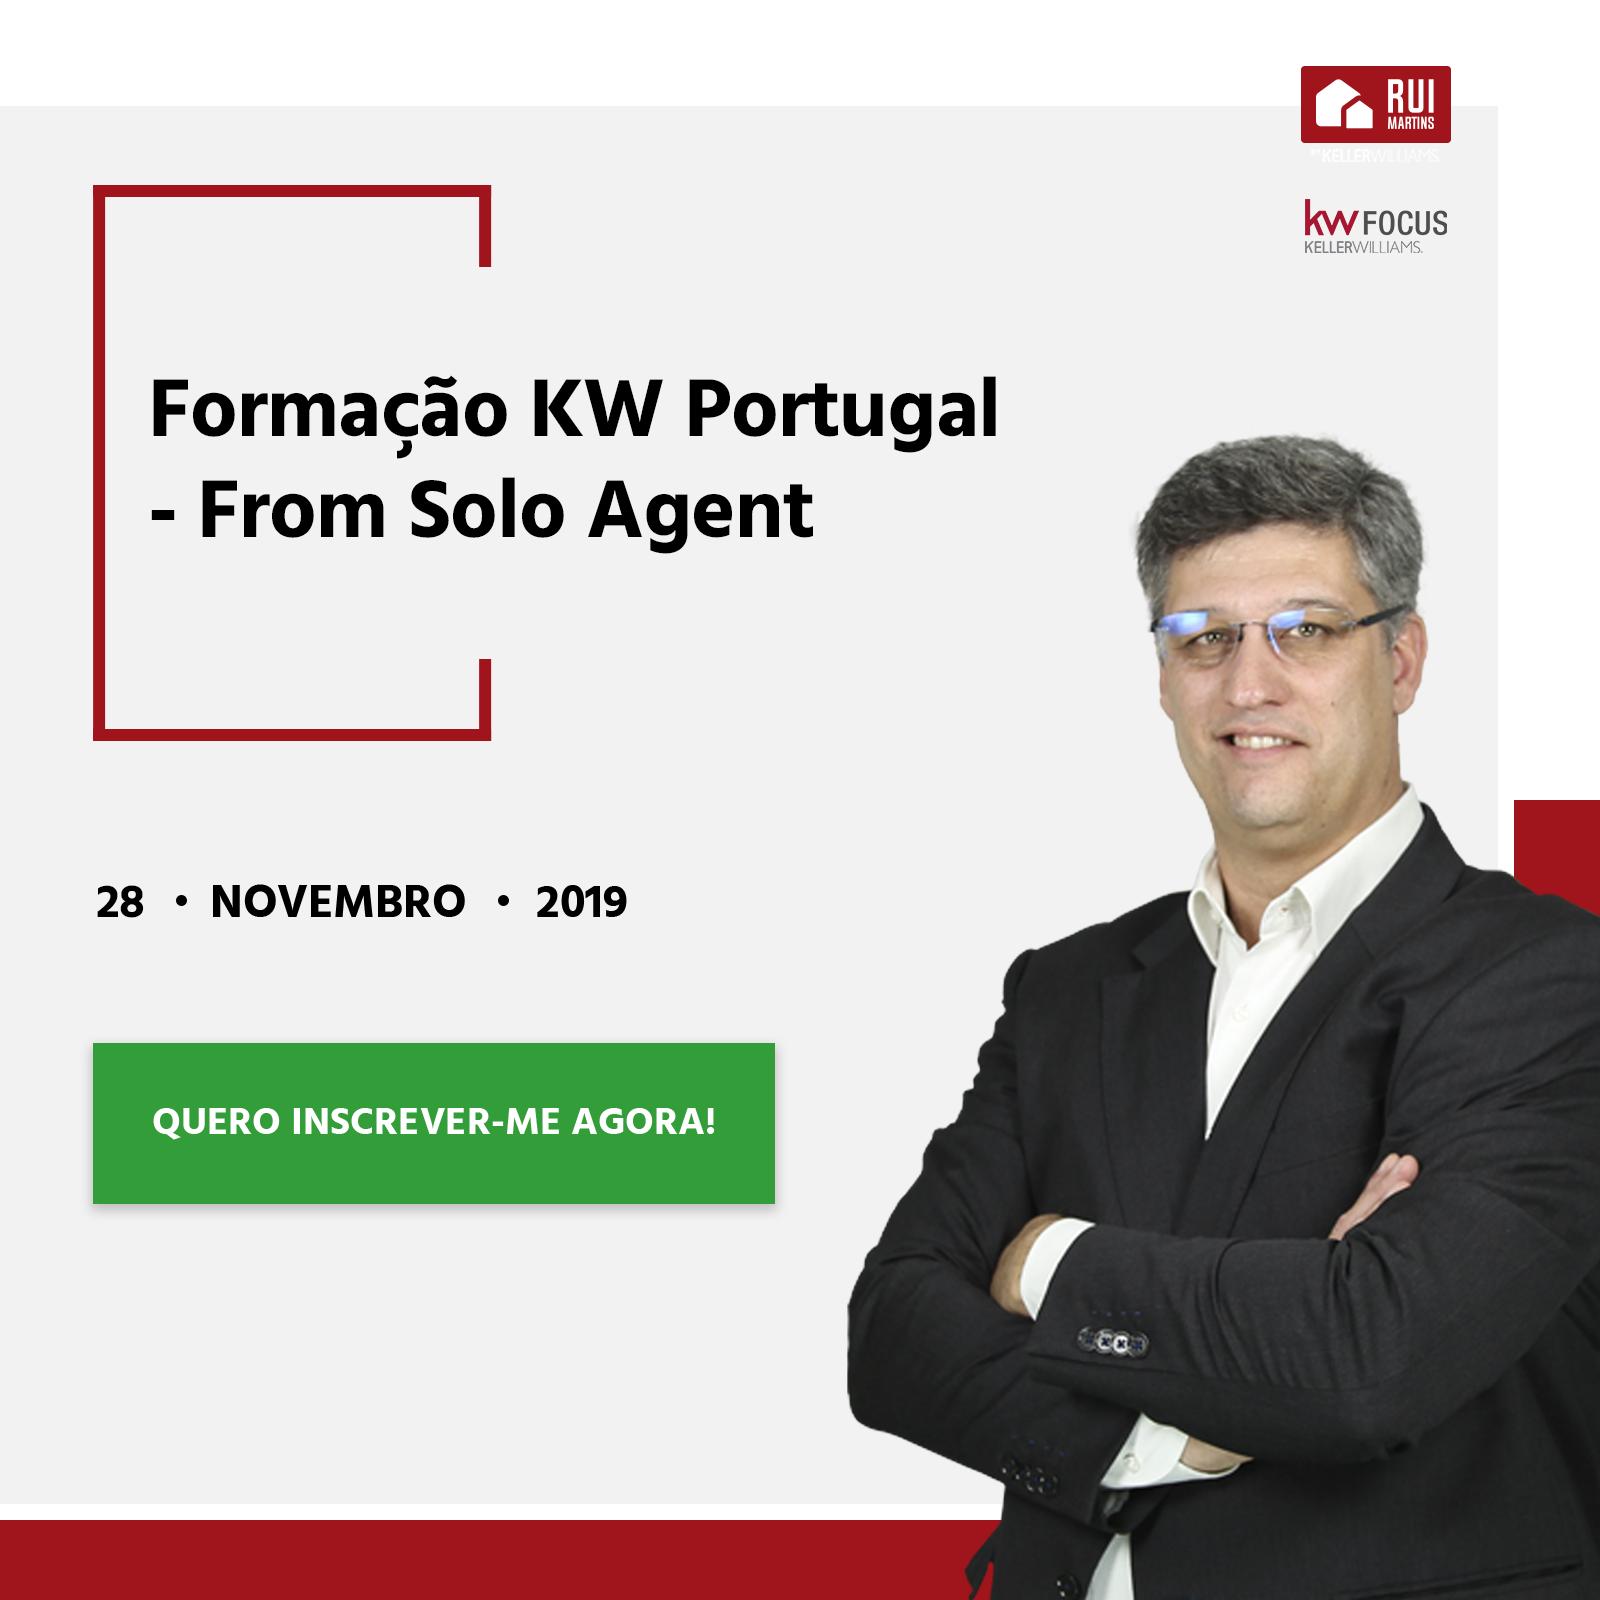 evento_RM-28nov_KW Portugal